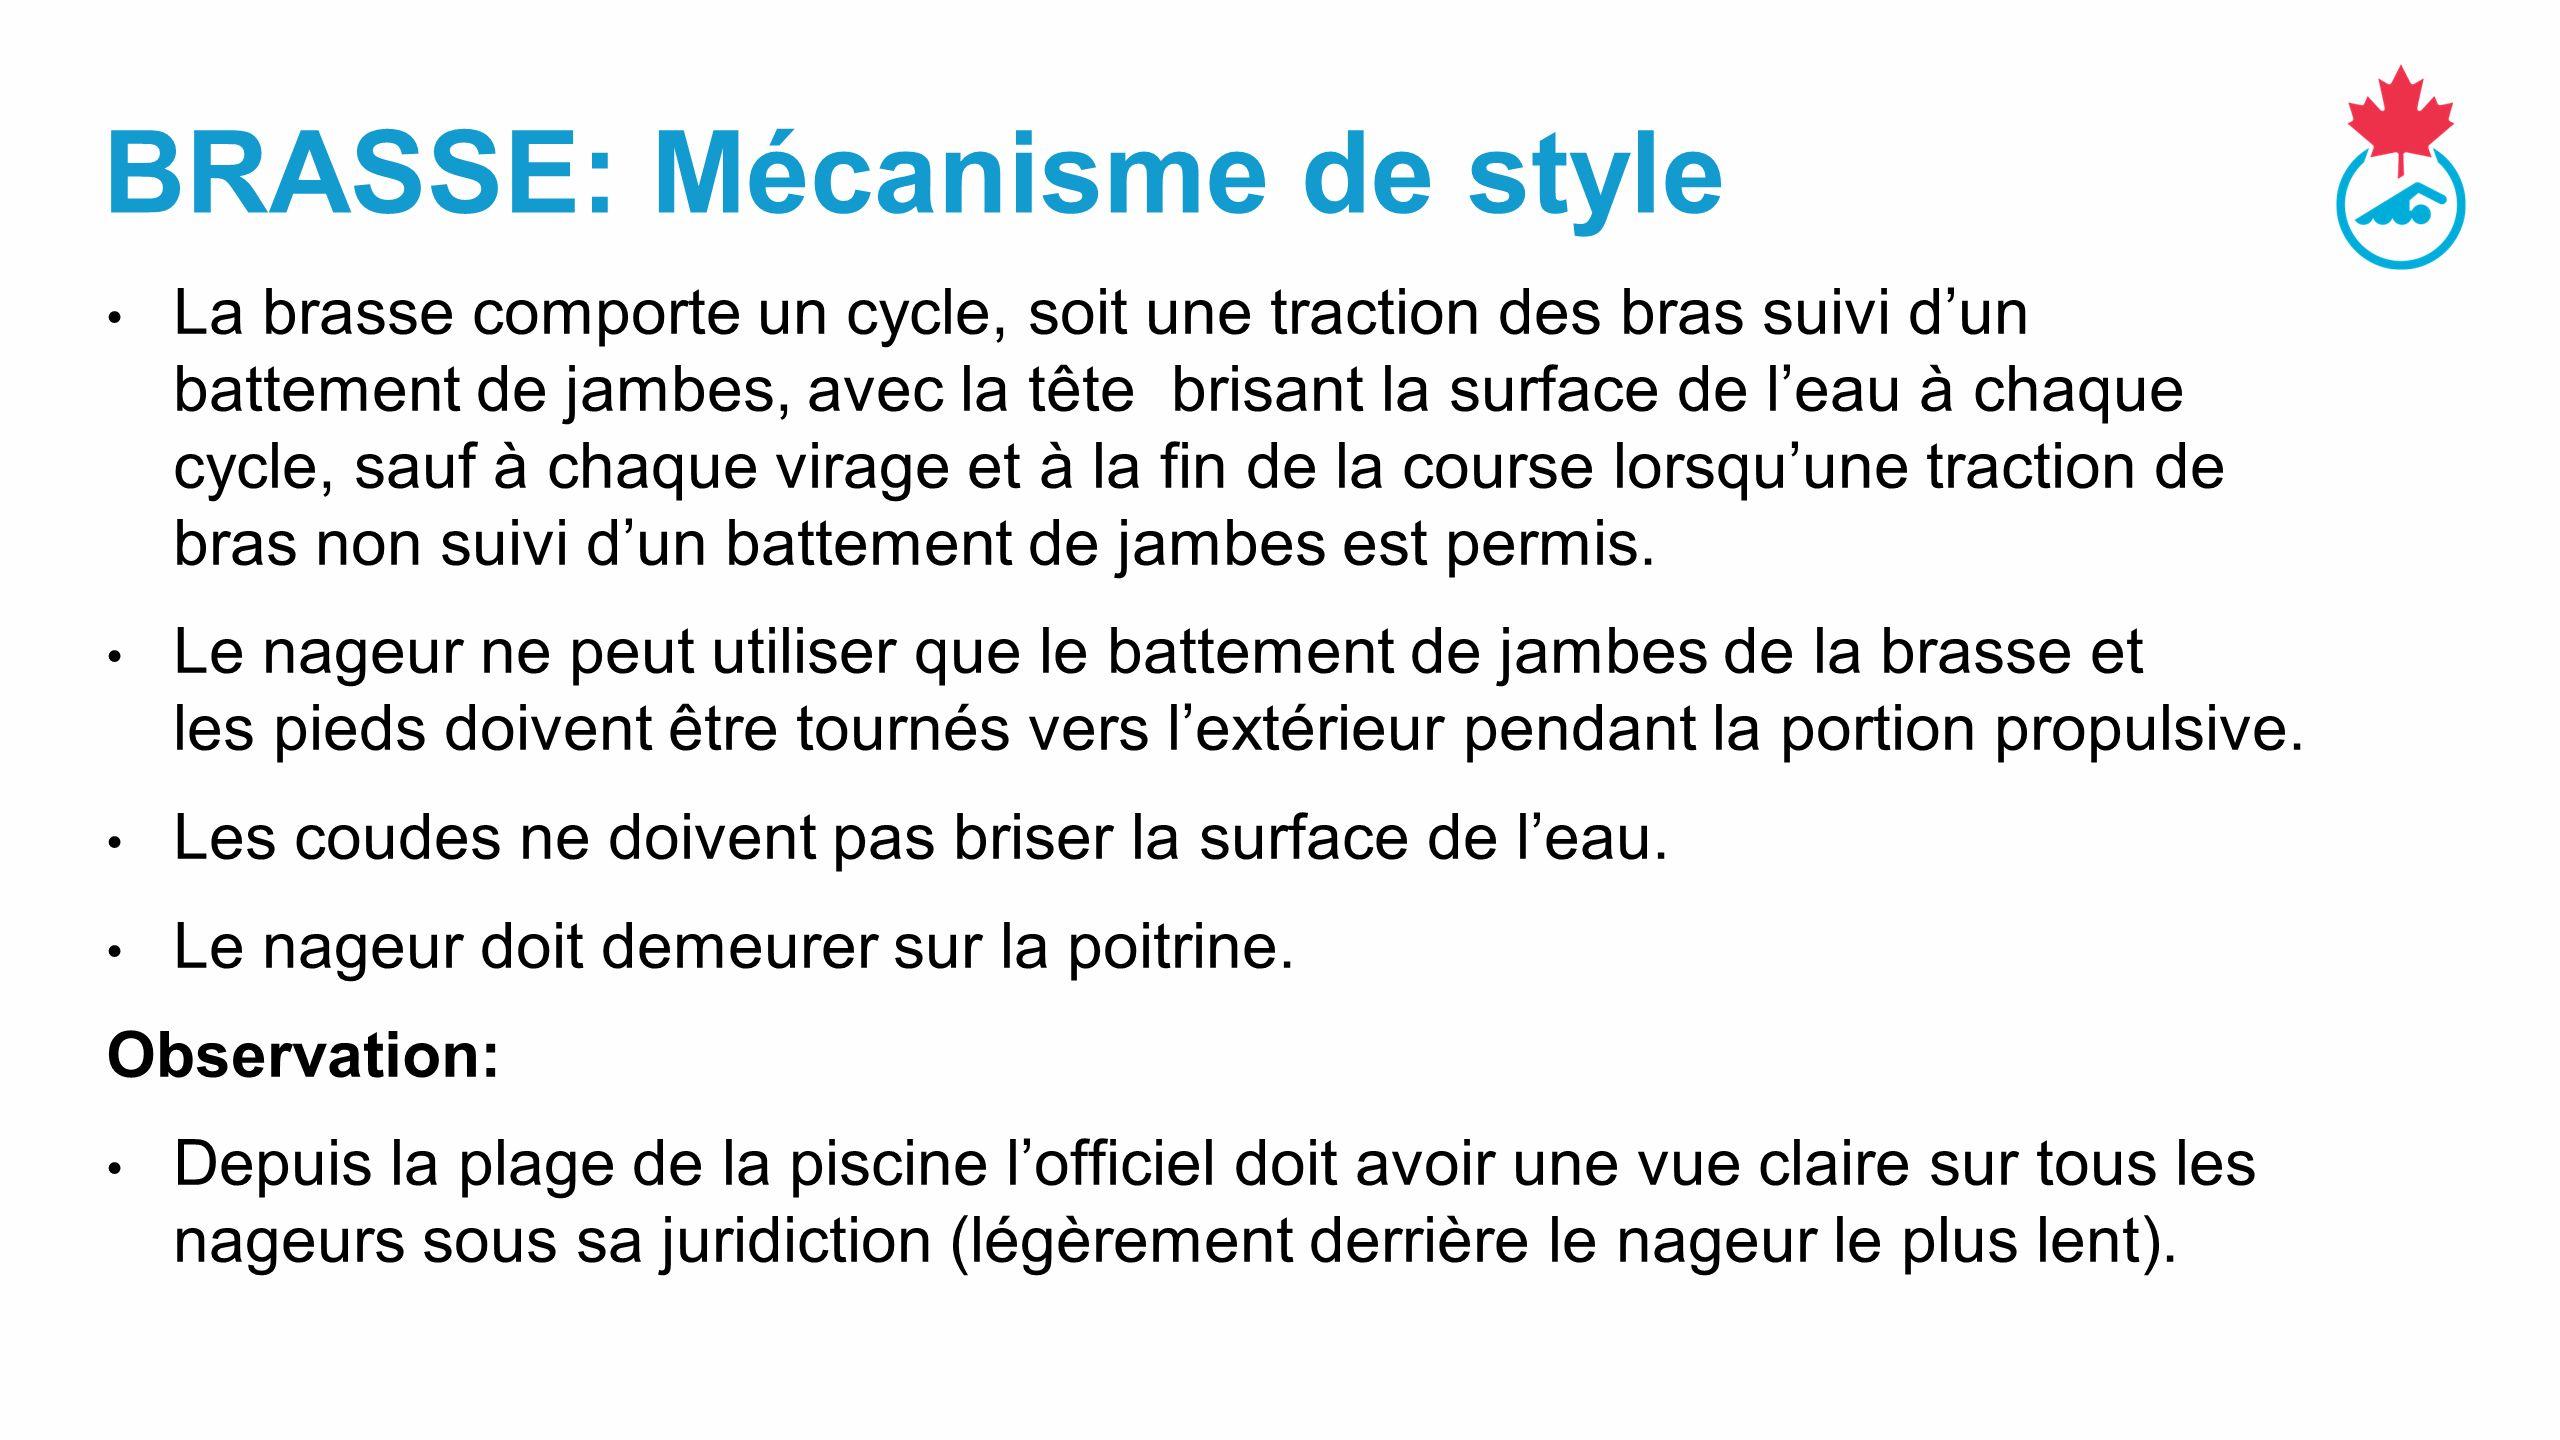 BRASSE: Mécanisme de style La brasse comporte un cycle, soit une traction des bras suivi d'un battement de jambes, avec la tête brisant la surface de l'eau à chaque cycle, sauf à chaque virage et à la fin de la course lorsqu'une traction de bras non suivi d'un battement de jambes est permis.